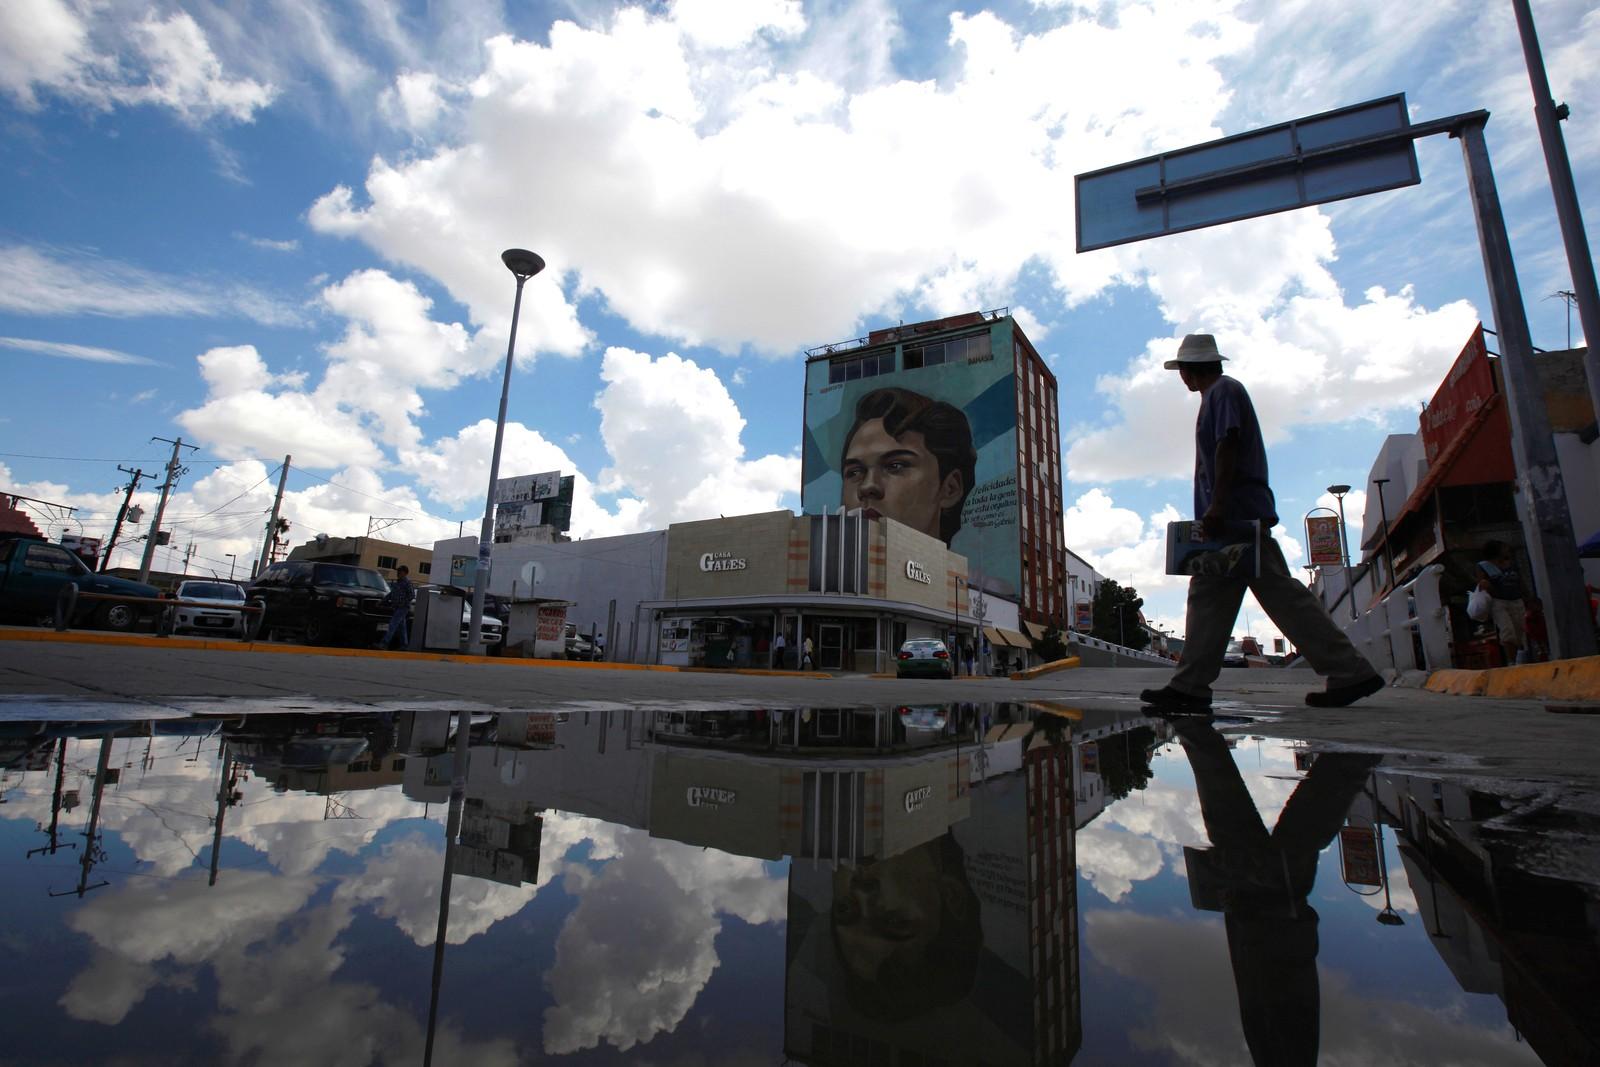 En mann går forbi et veggmaleri av den meksikanske sangeren Juan Gabriel i Ciudad Juarez i Mexico den 30. august. Gabriel døde den 28. august i Los Angeles etter å ha spilt to konserter der. Han solgte flere millioner plater og skrev over 1000 sanger mens han levde.